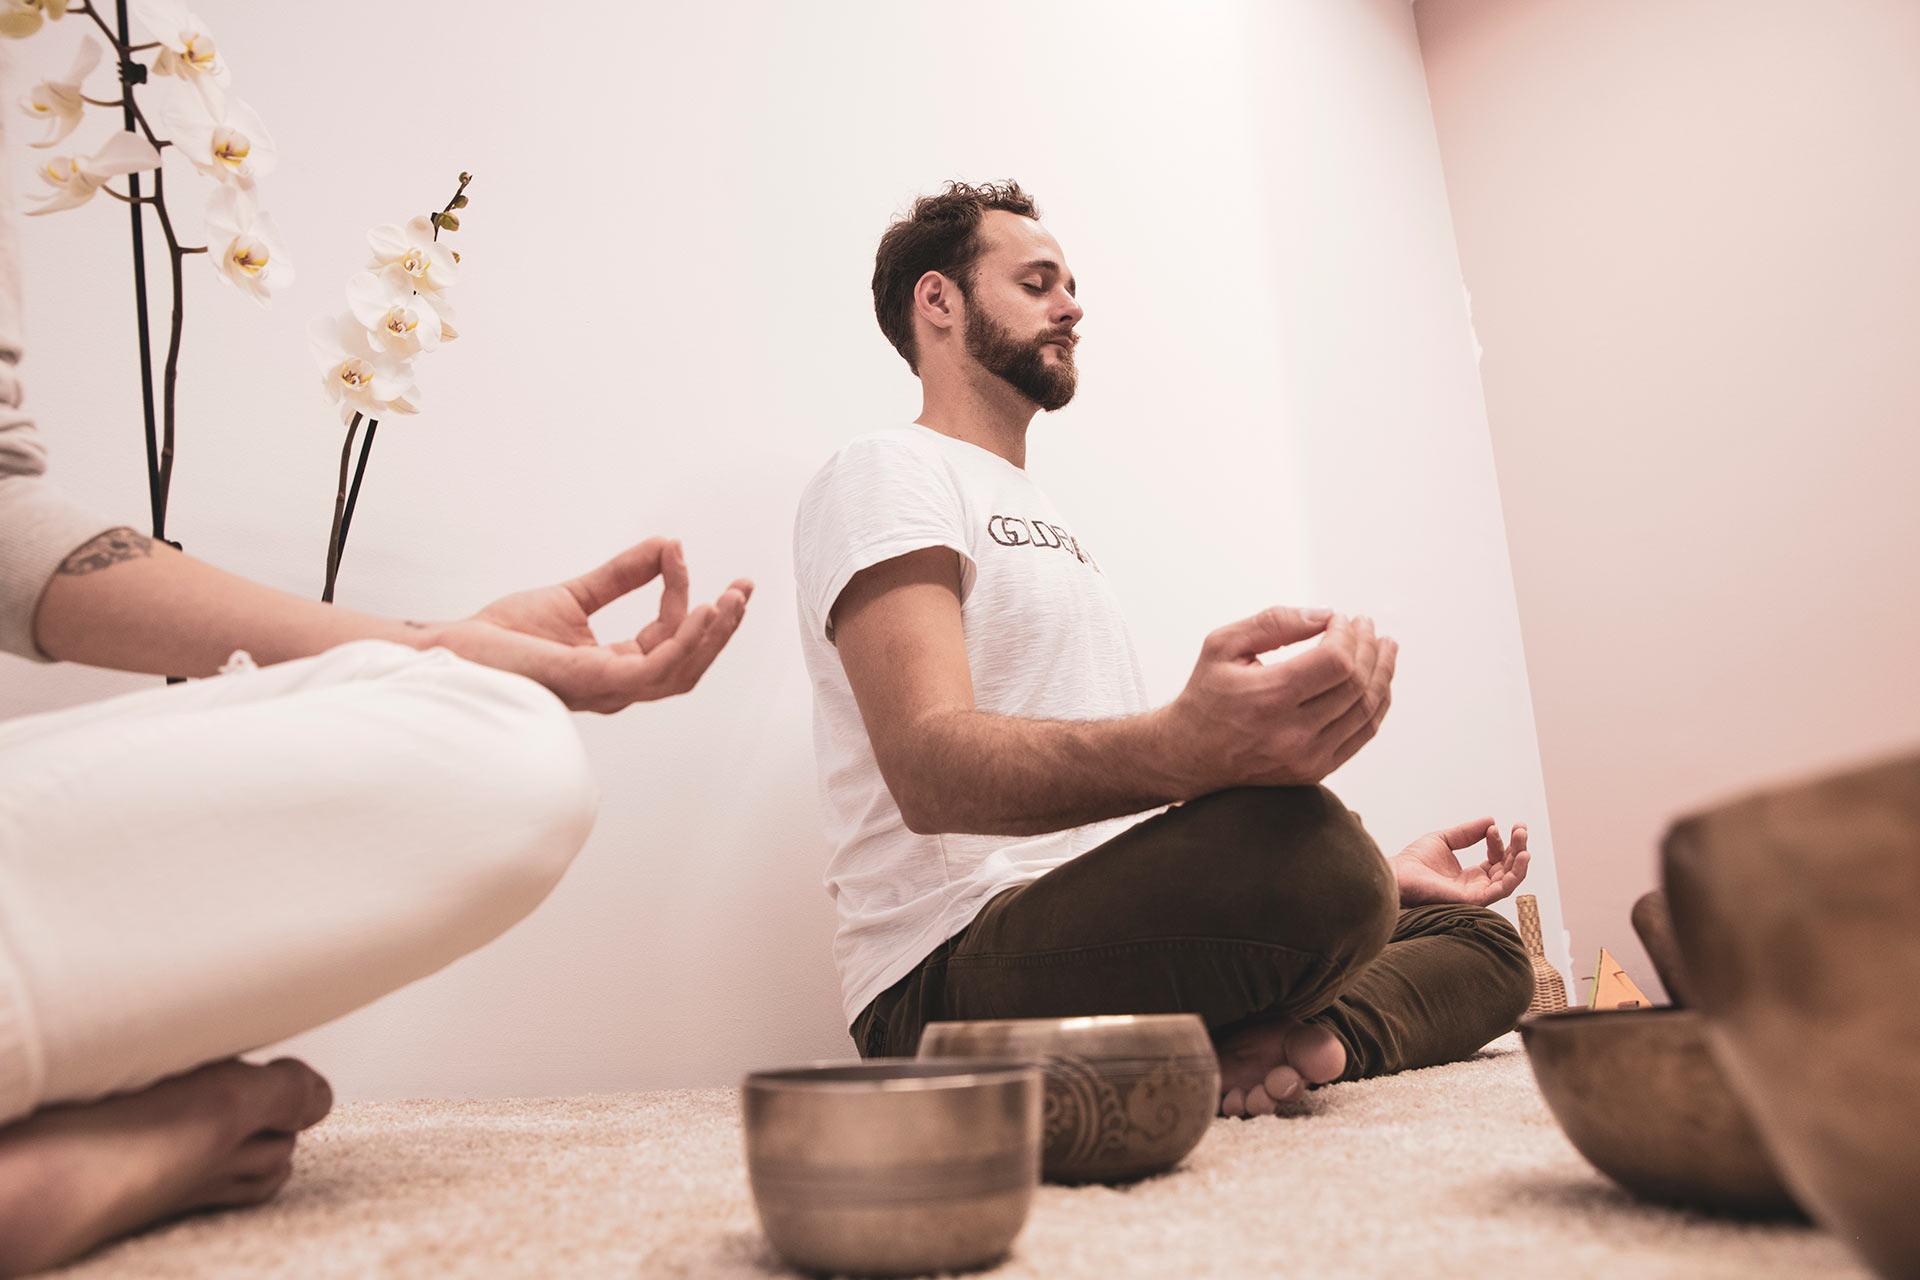 Vizualizacija in meditacija, lebdenje v komori